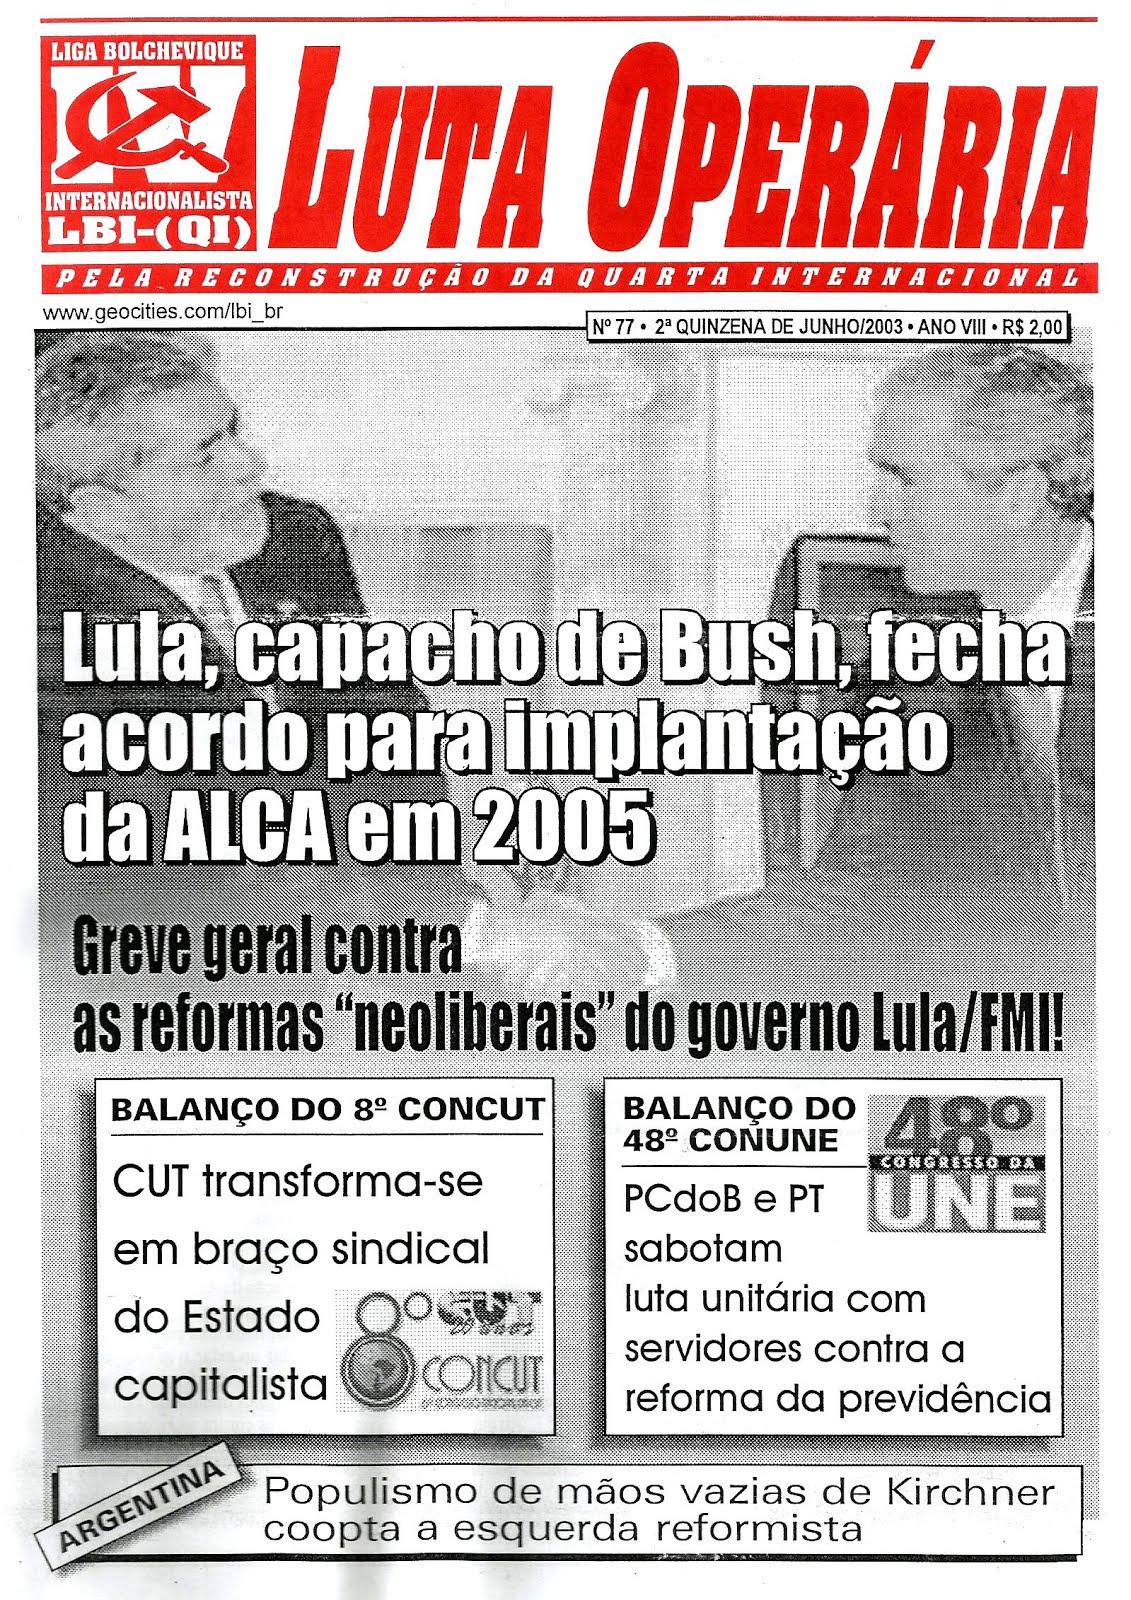 LEIA A EDIÇÃO DO JORNAL LUTA Nº 77, 2ª QUINZ. DE JUNHO/2003